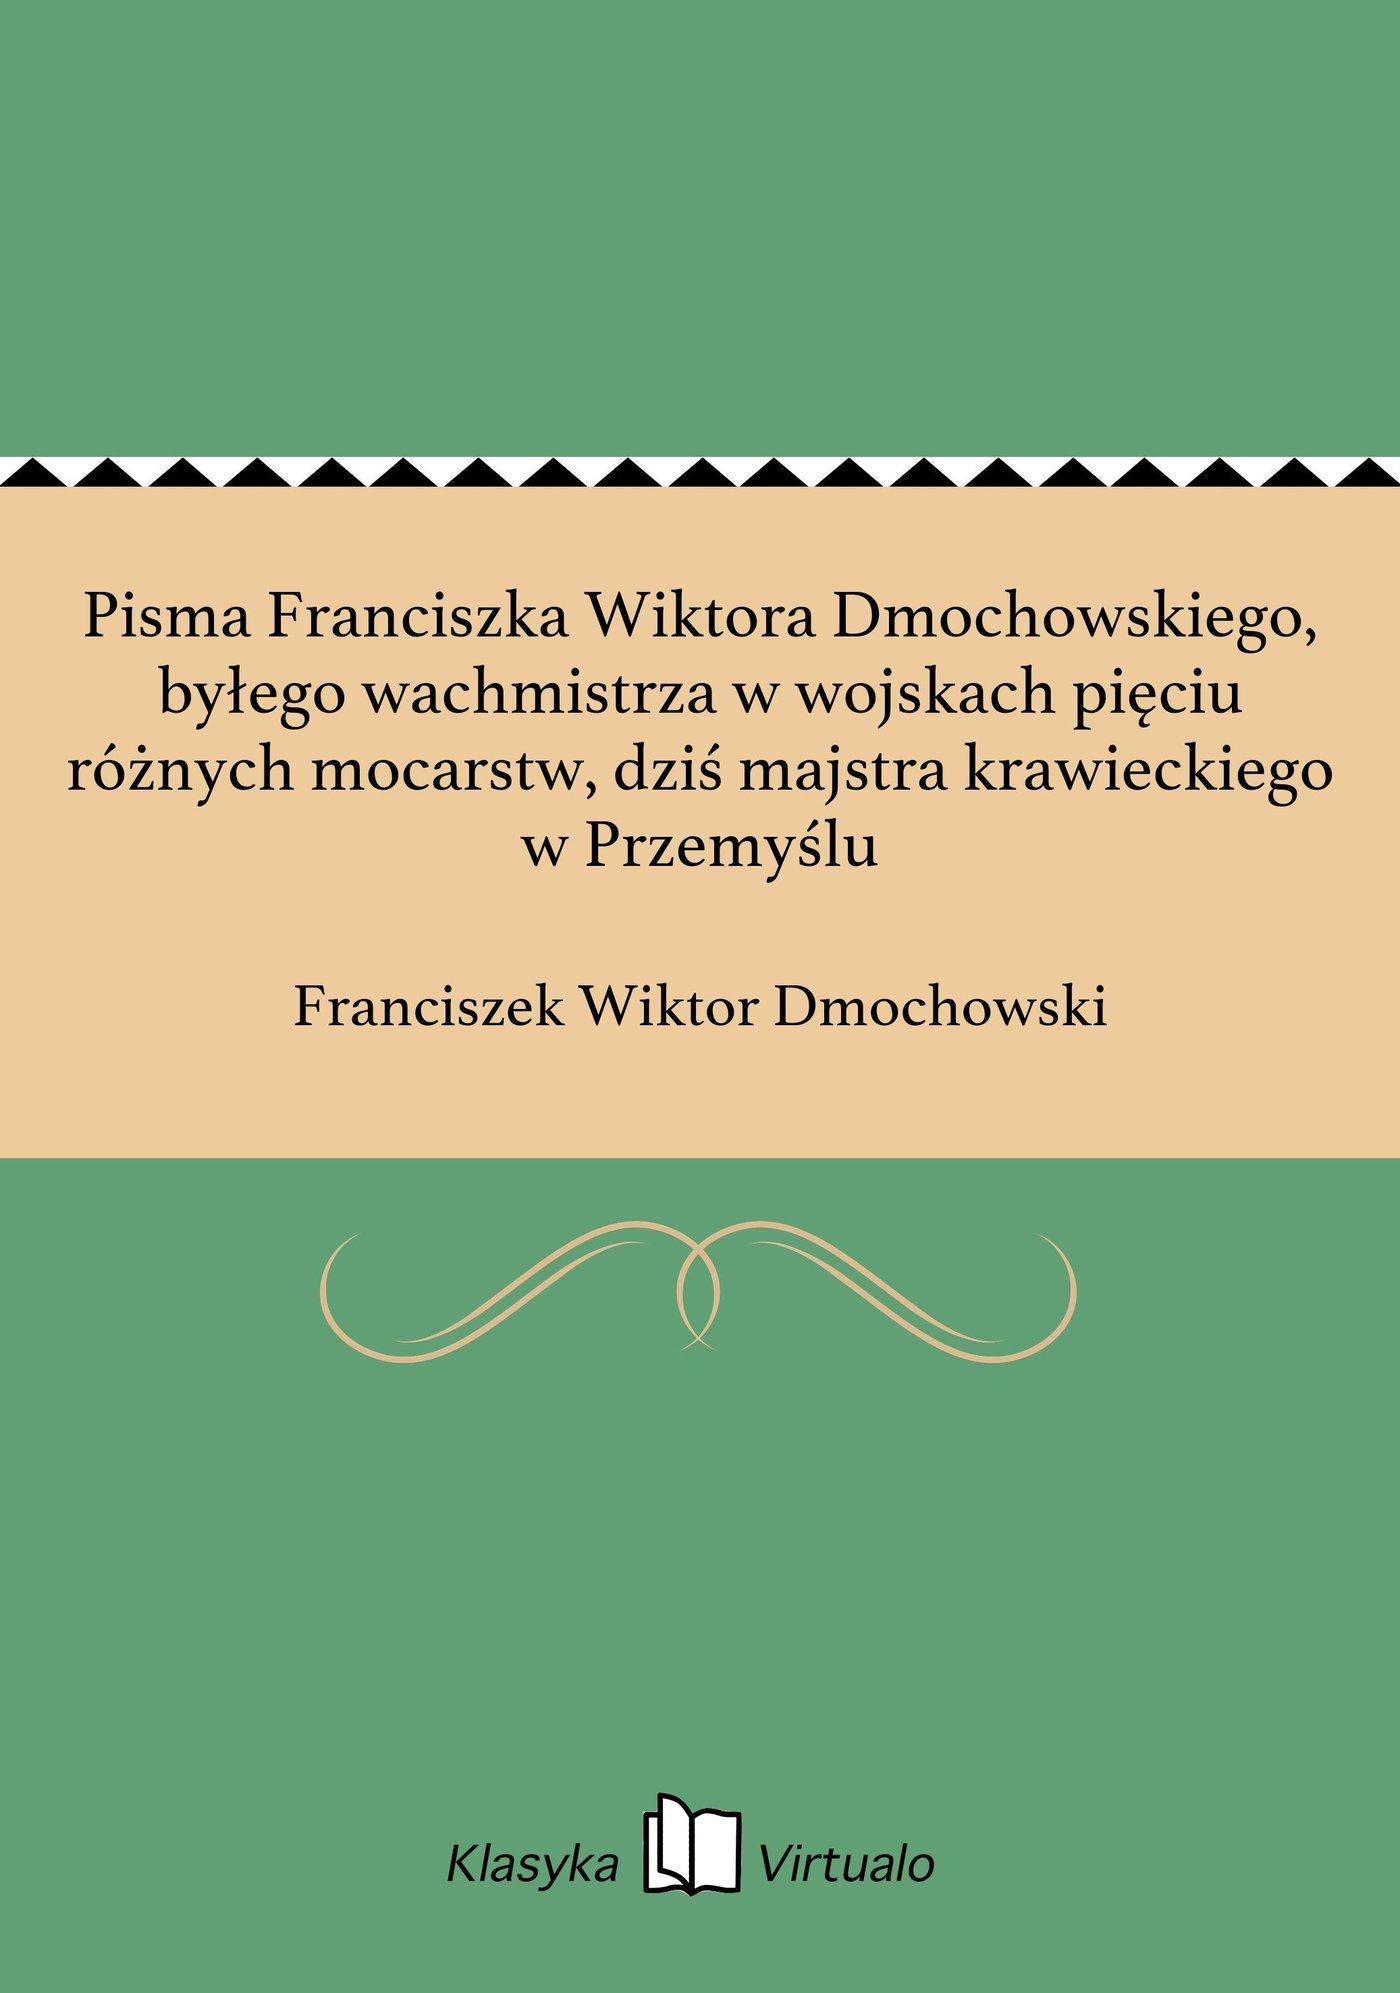 Pisma Franciszka Wiktora Dmochowskiego, byłego wachmistrza w wojskach pięciu różnych mocarstw, dziś majstra krawieckiego w Przemyślu - Ebook (Książka EPUB) do pobrania w formacie EPUB